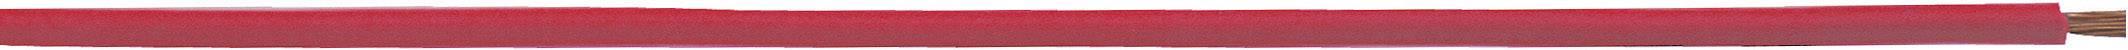 Opletenie / lanko LappKabel 4510111 H05V-K, 1 x 0.50 mm², vonkajší Ø 2.10 mm, 100 m, žltá